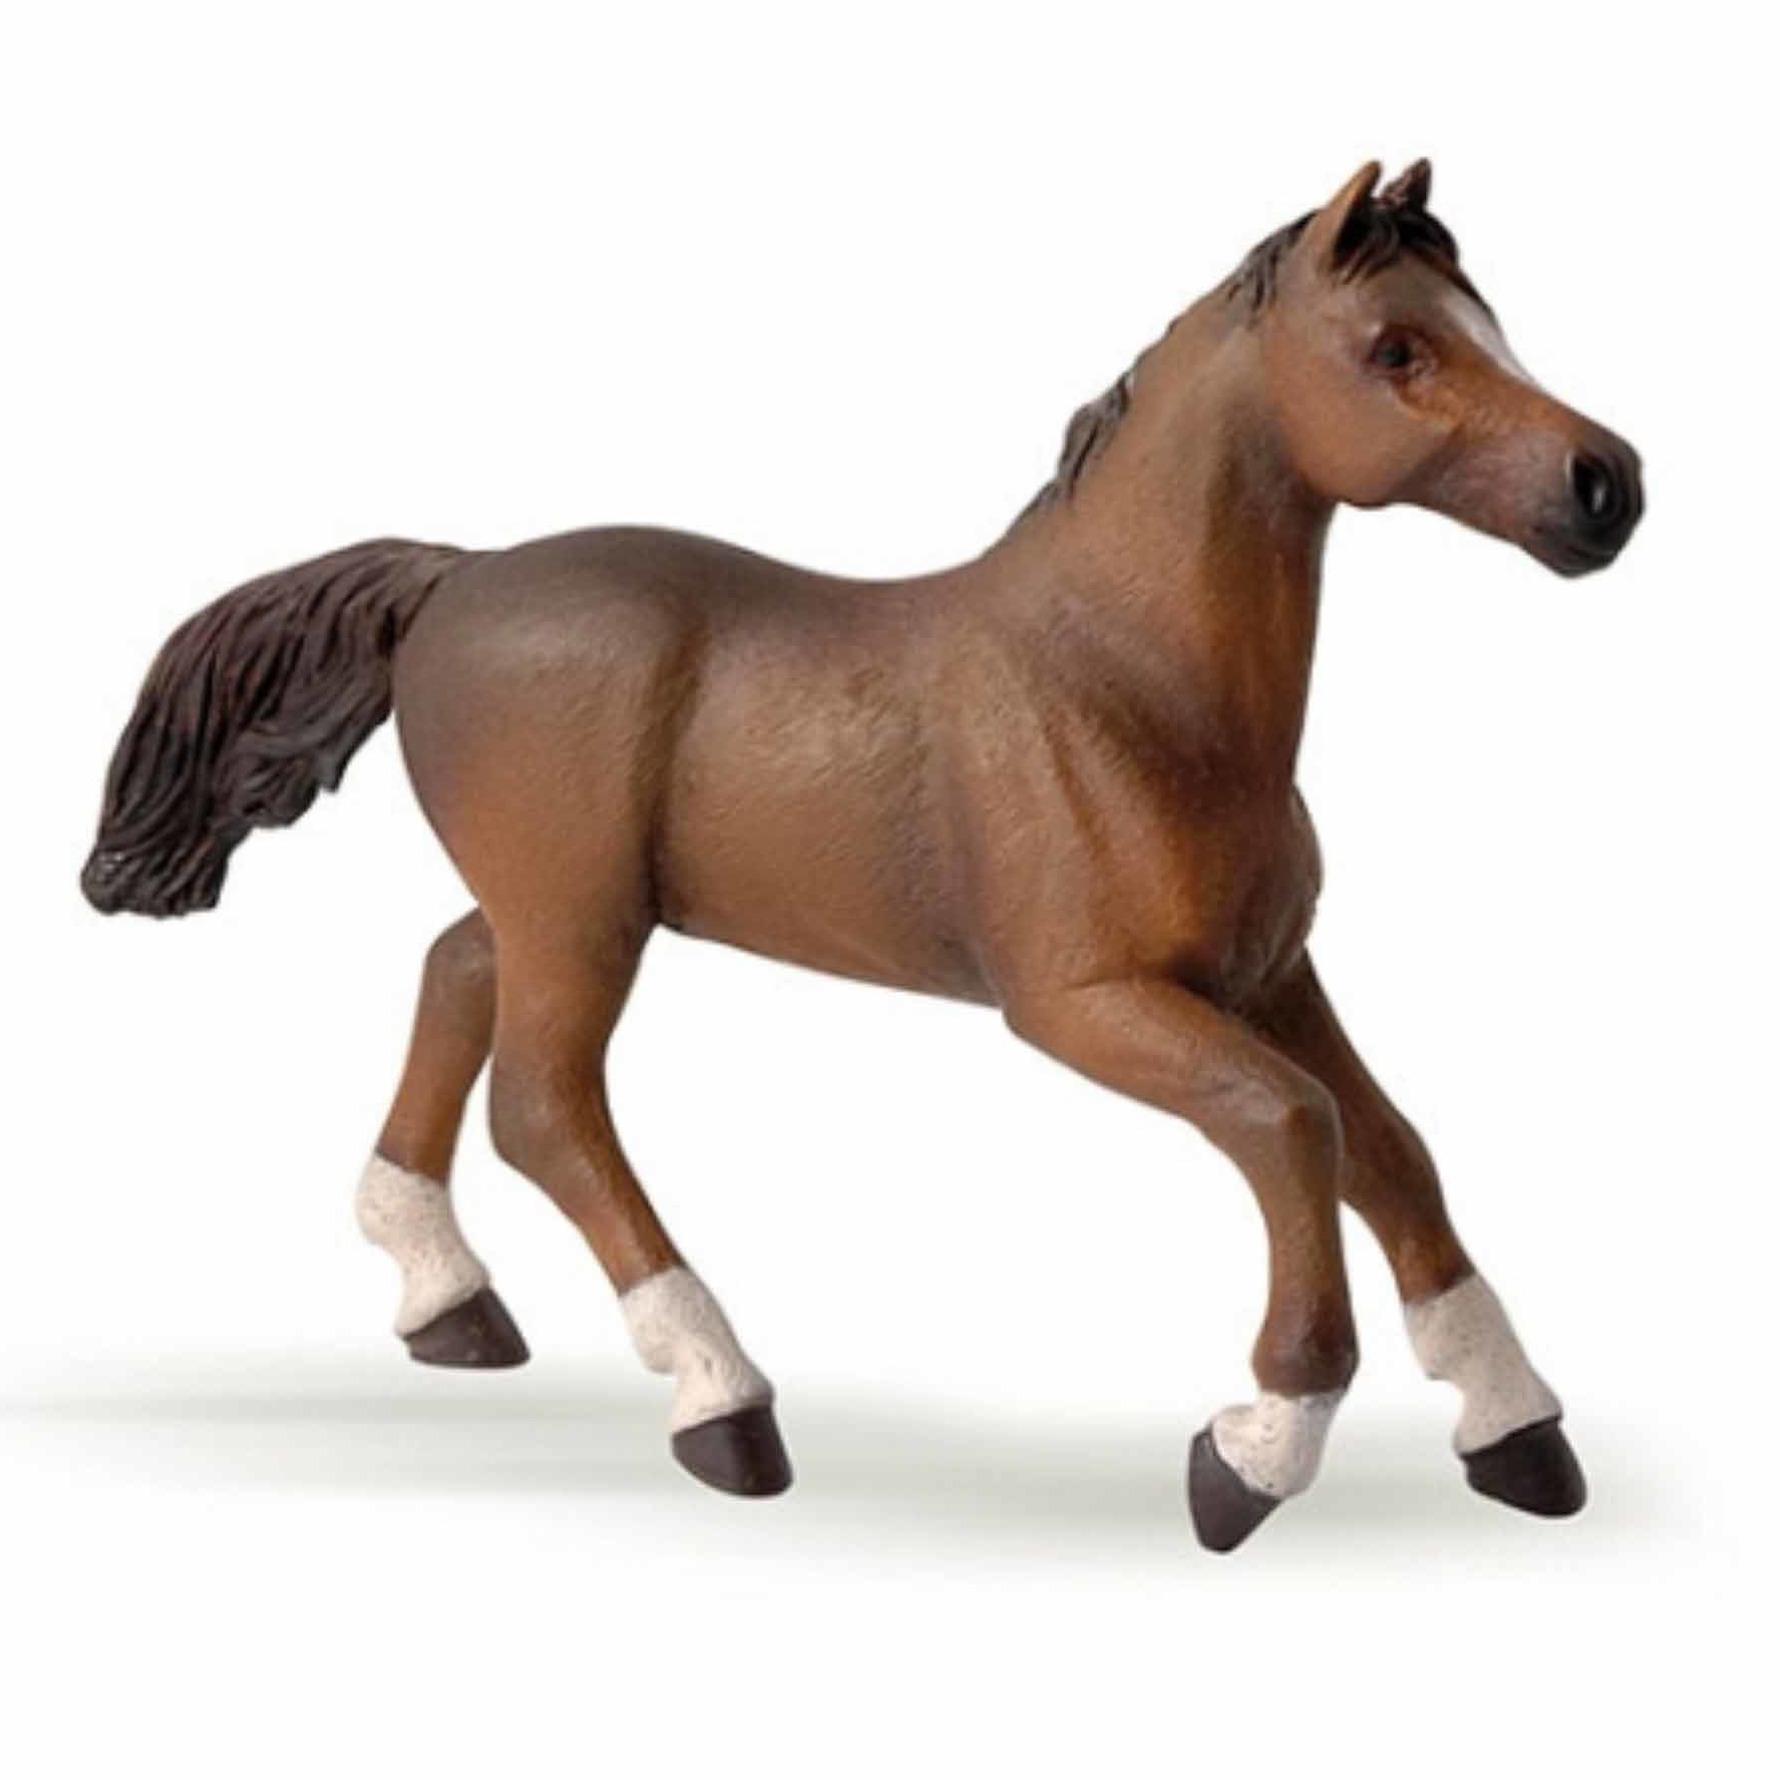 Speelfiguren sets Plastic bruin Arabieren paard 15,5 cm